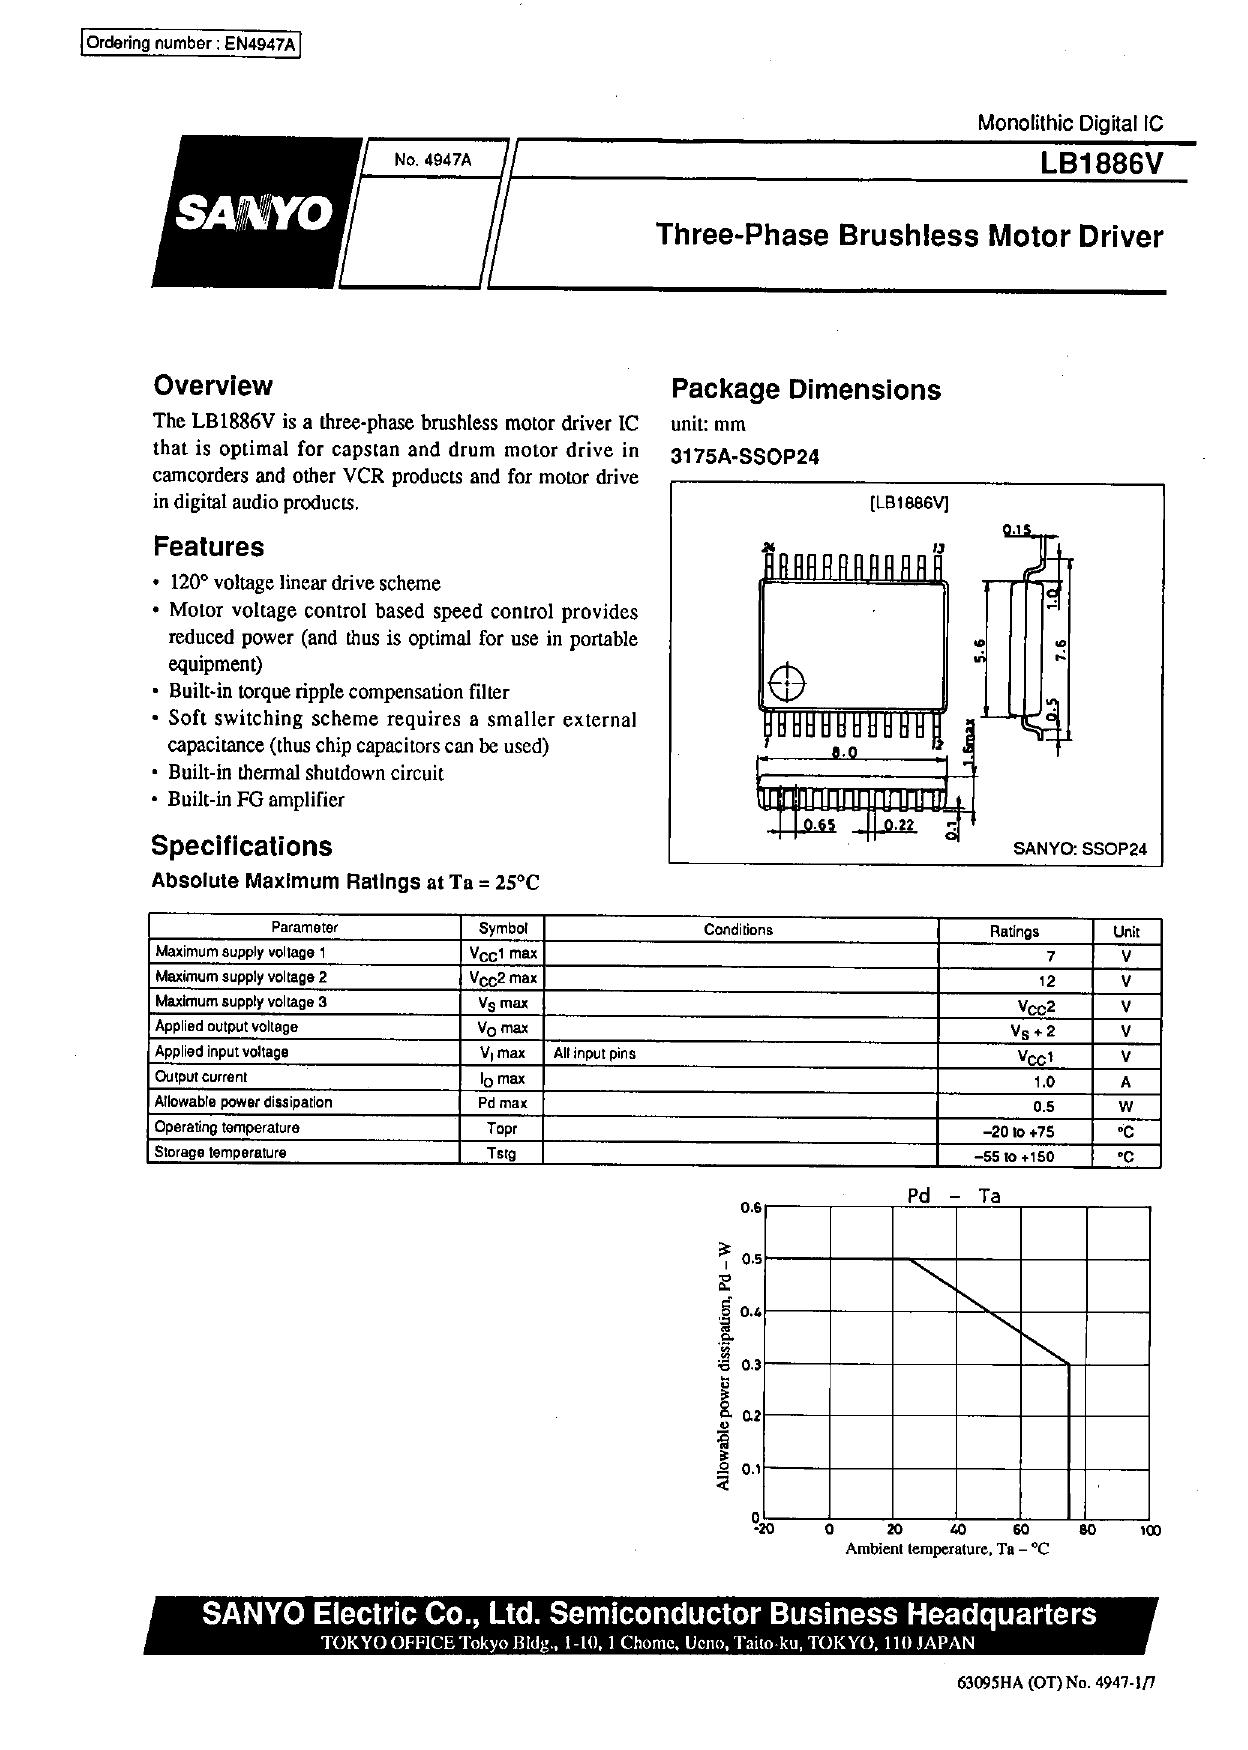 LB1886 datasheet